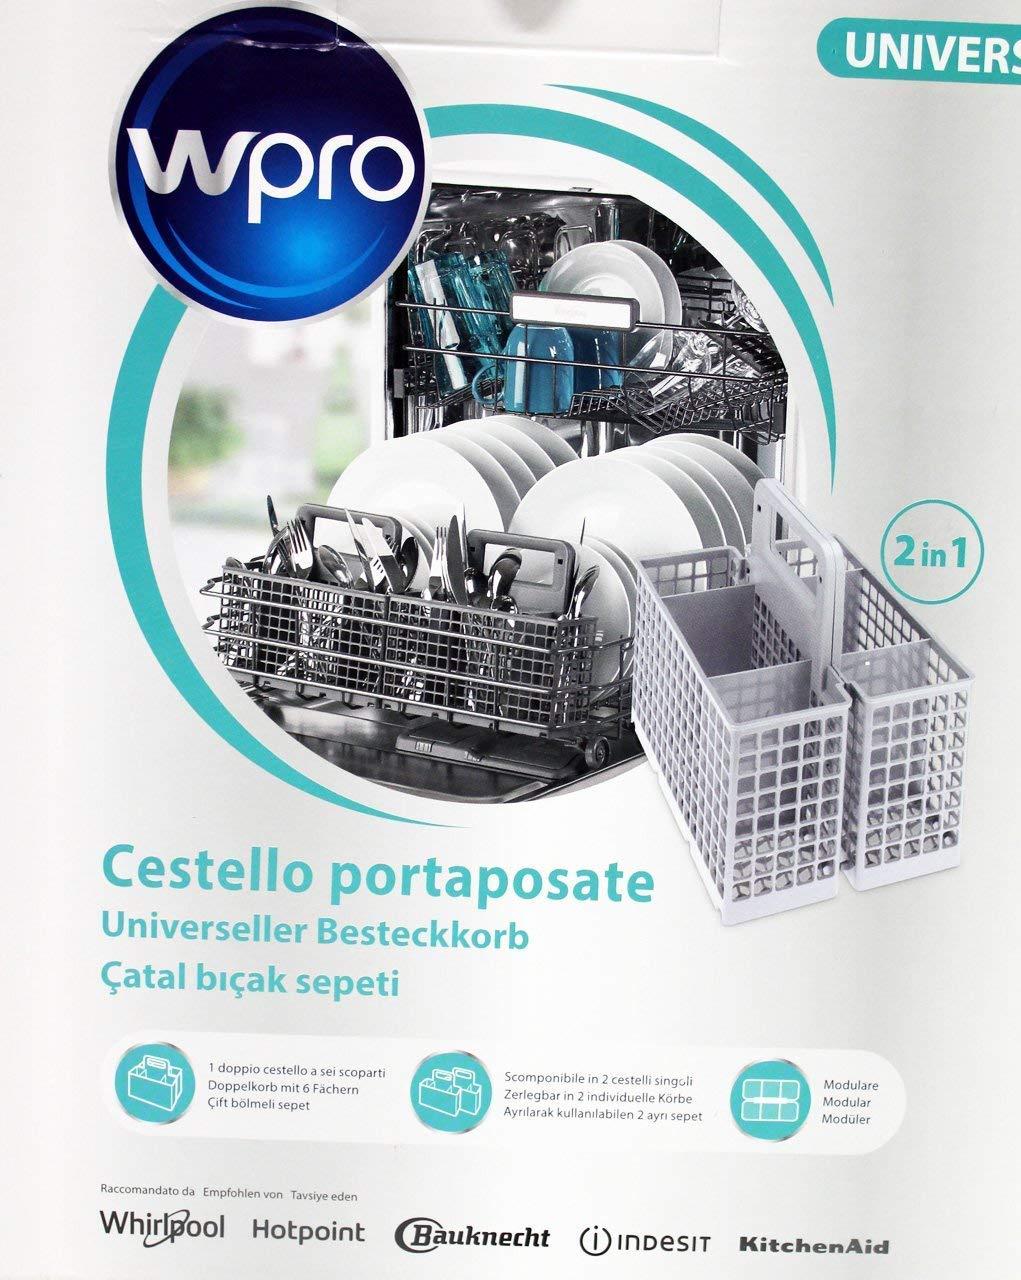 Panier A Couverts Universel Référence : 484000008561 Pour Lave Vaisselle W-pro